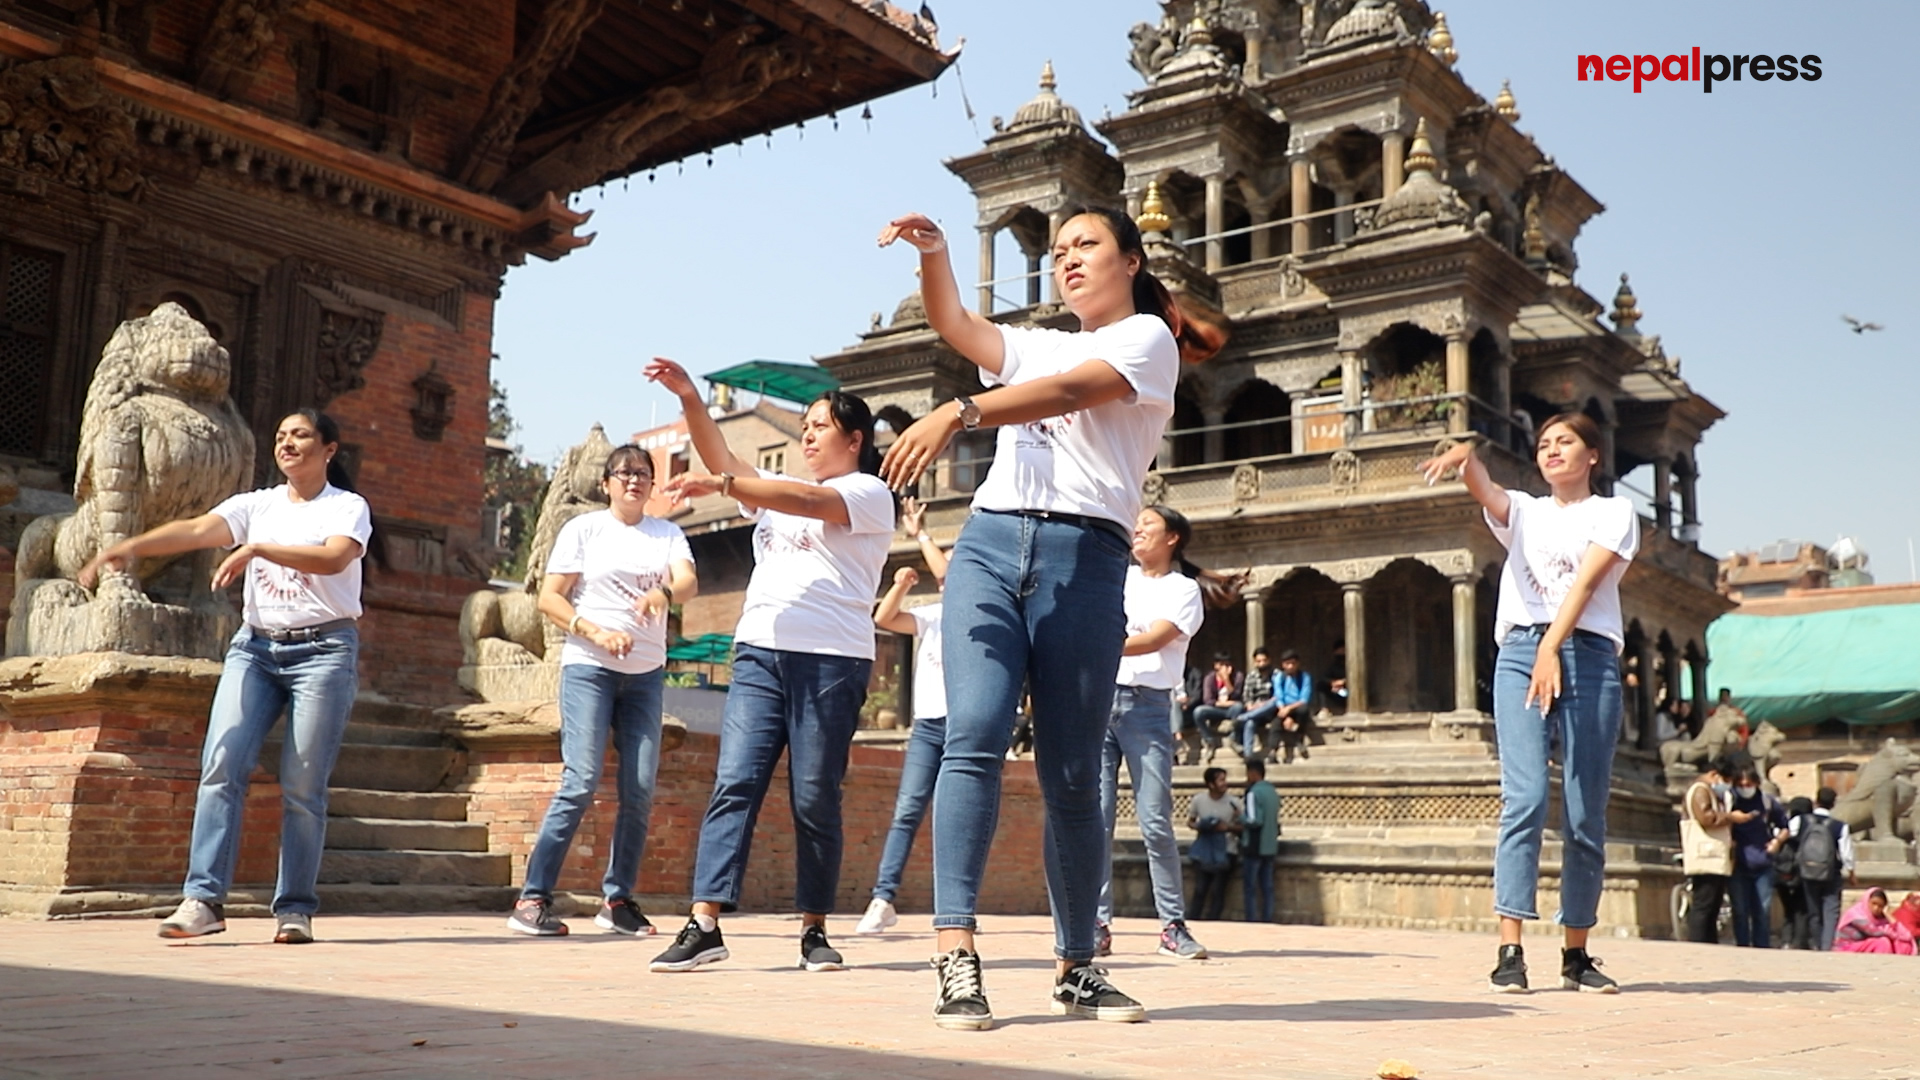 फ्ल्यास मब गरी काठमाडौंमा मनाइयो विश्व श्रवण दिवस